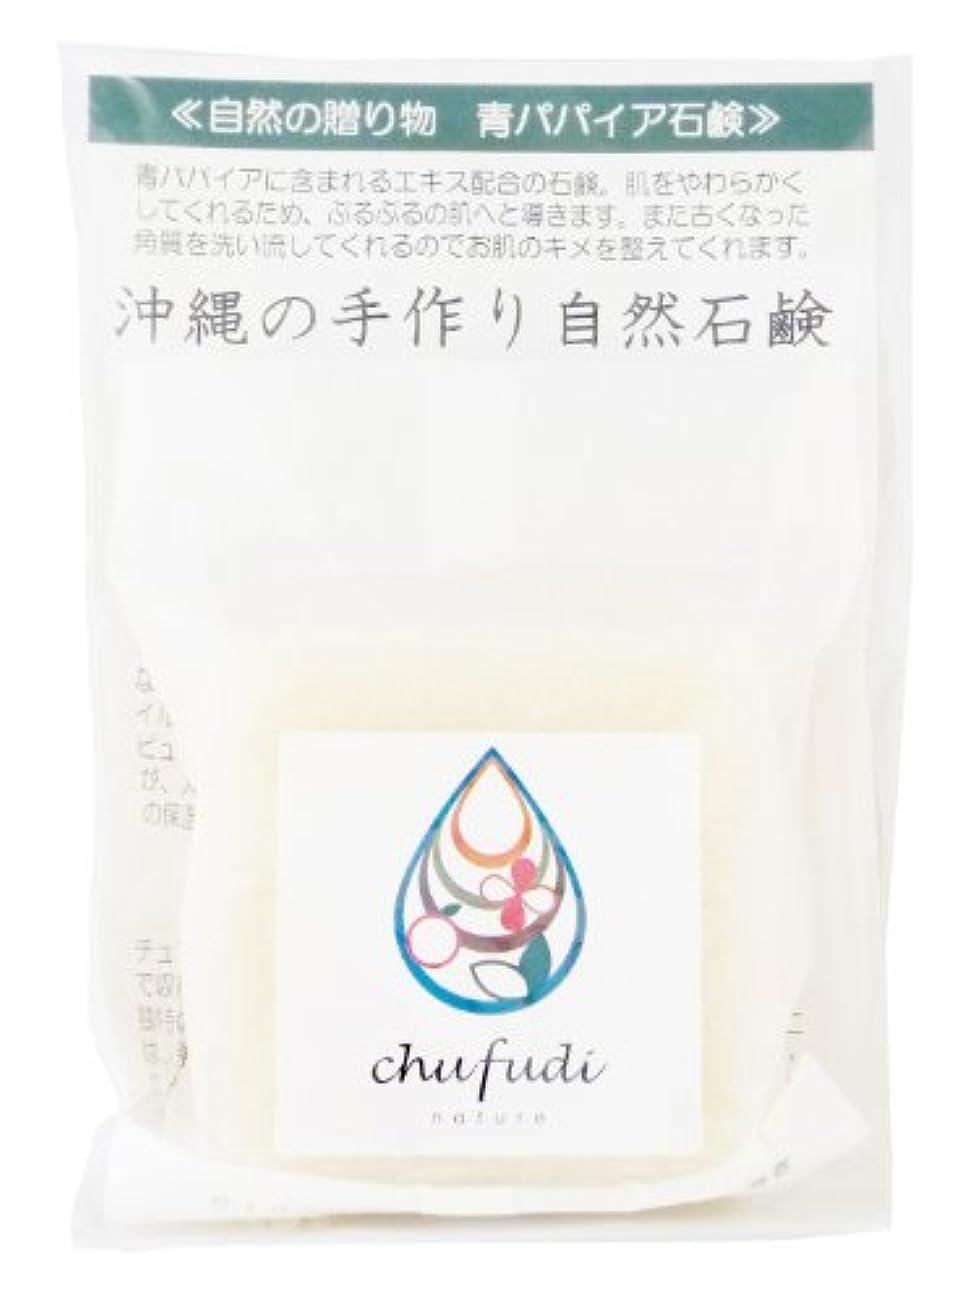 マングルプラカード衰えるチュフディ ナチュール 自然からの贈り物 青パパイヤ洗顔石鹸